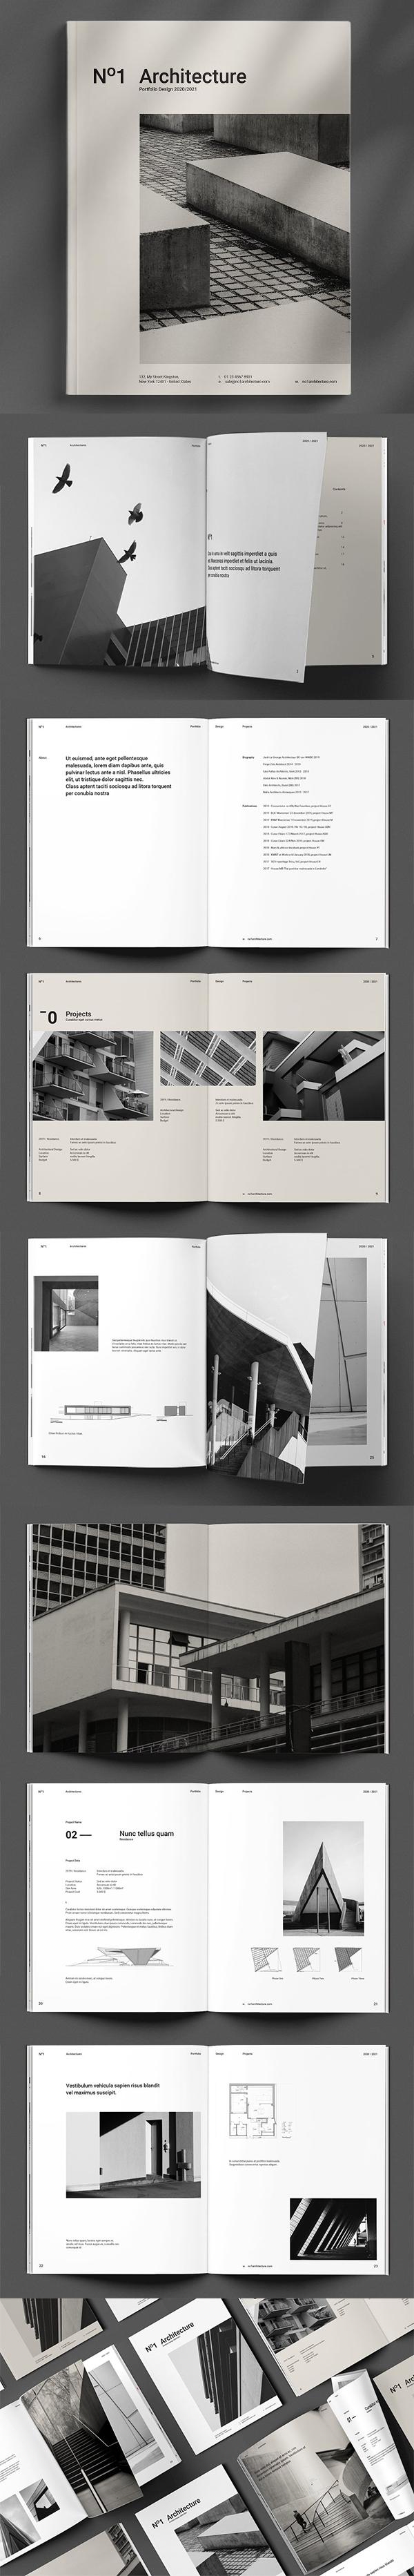 folletos profesionales - arquitectura